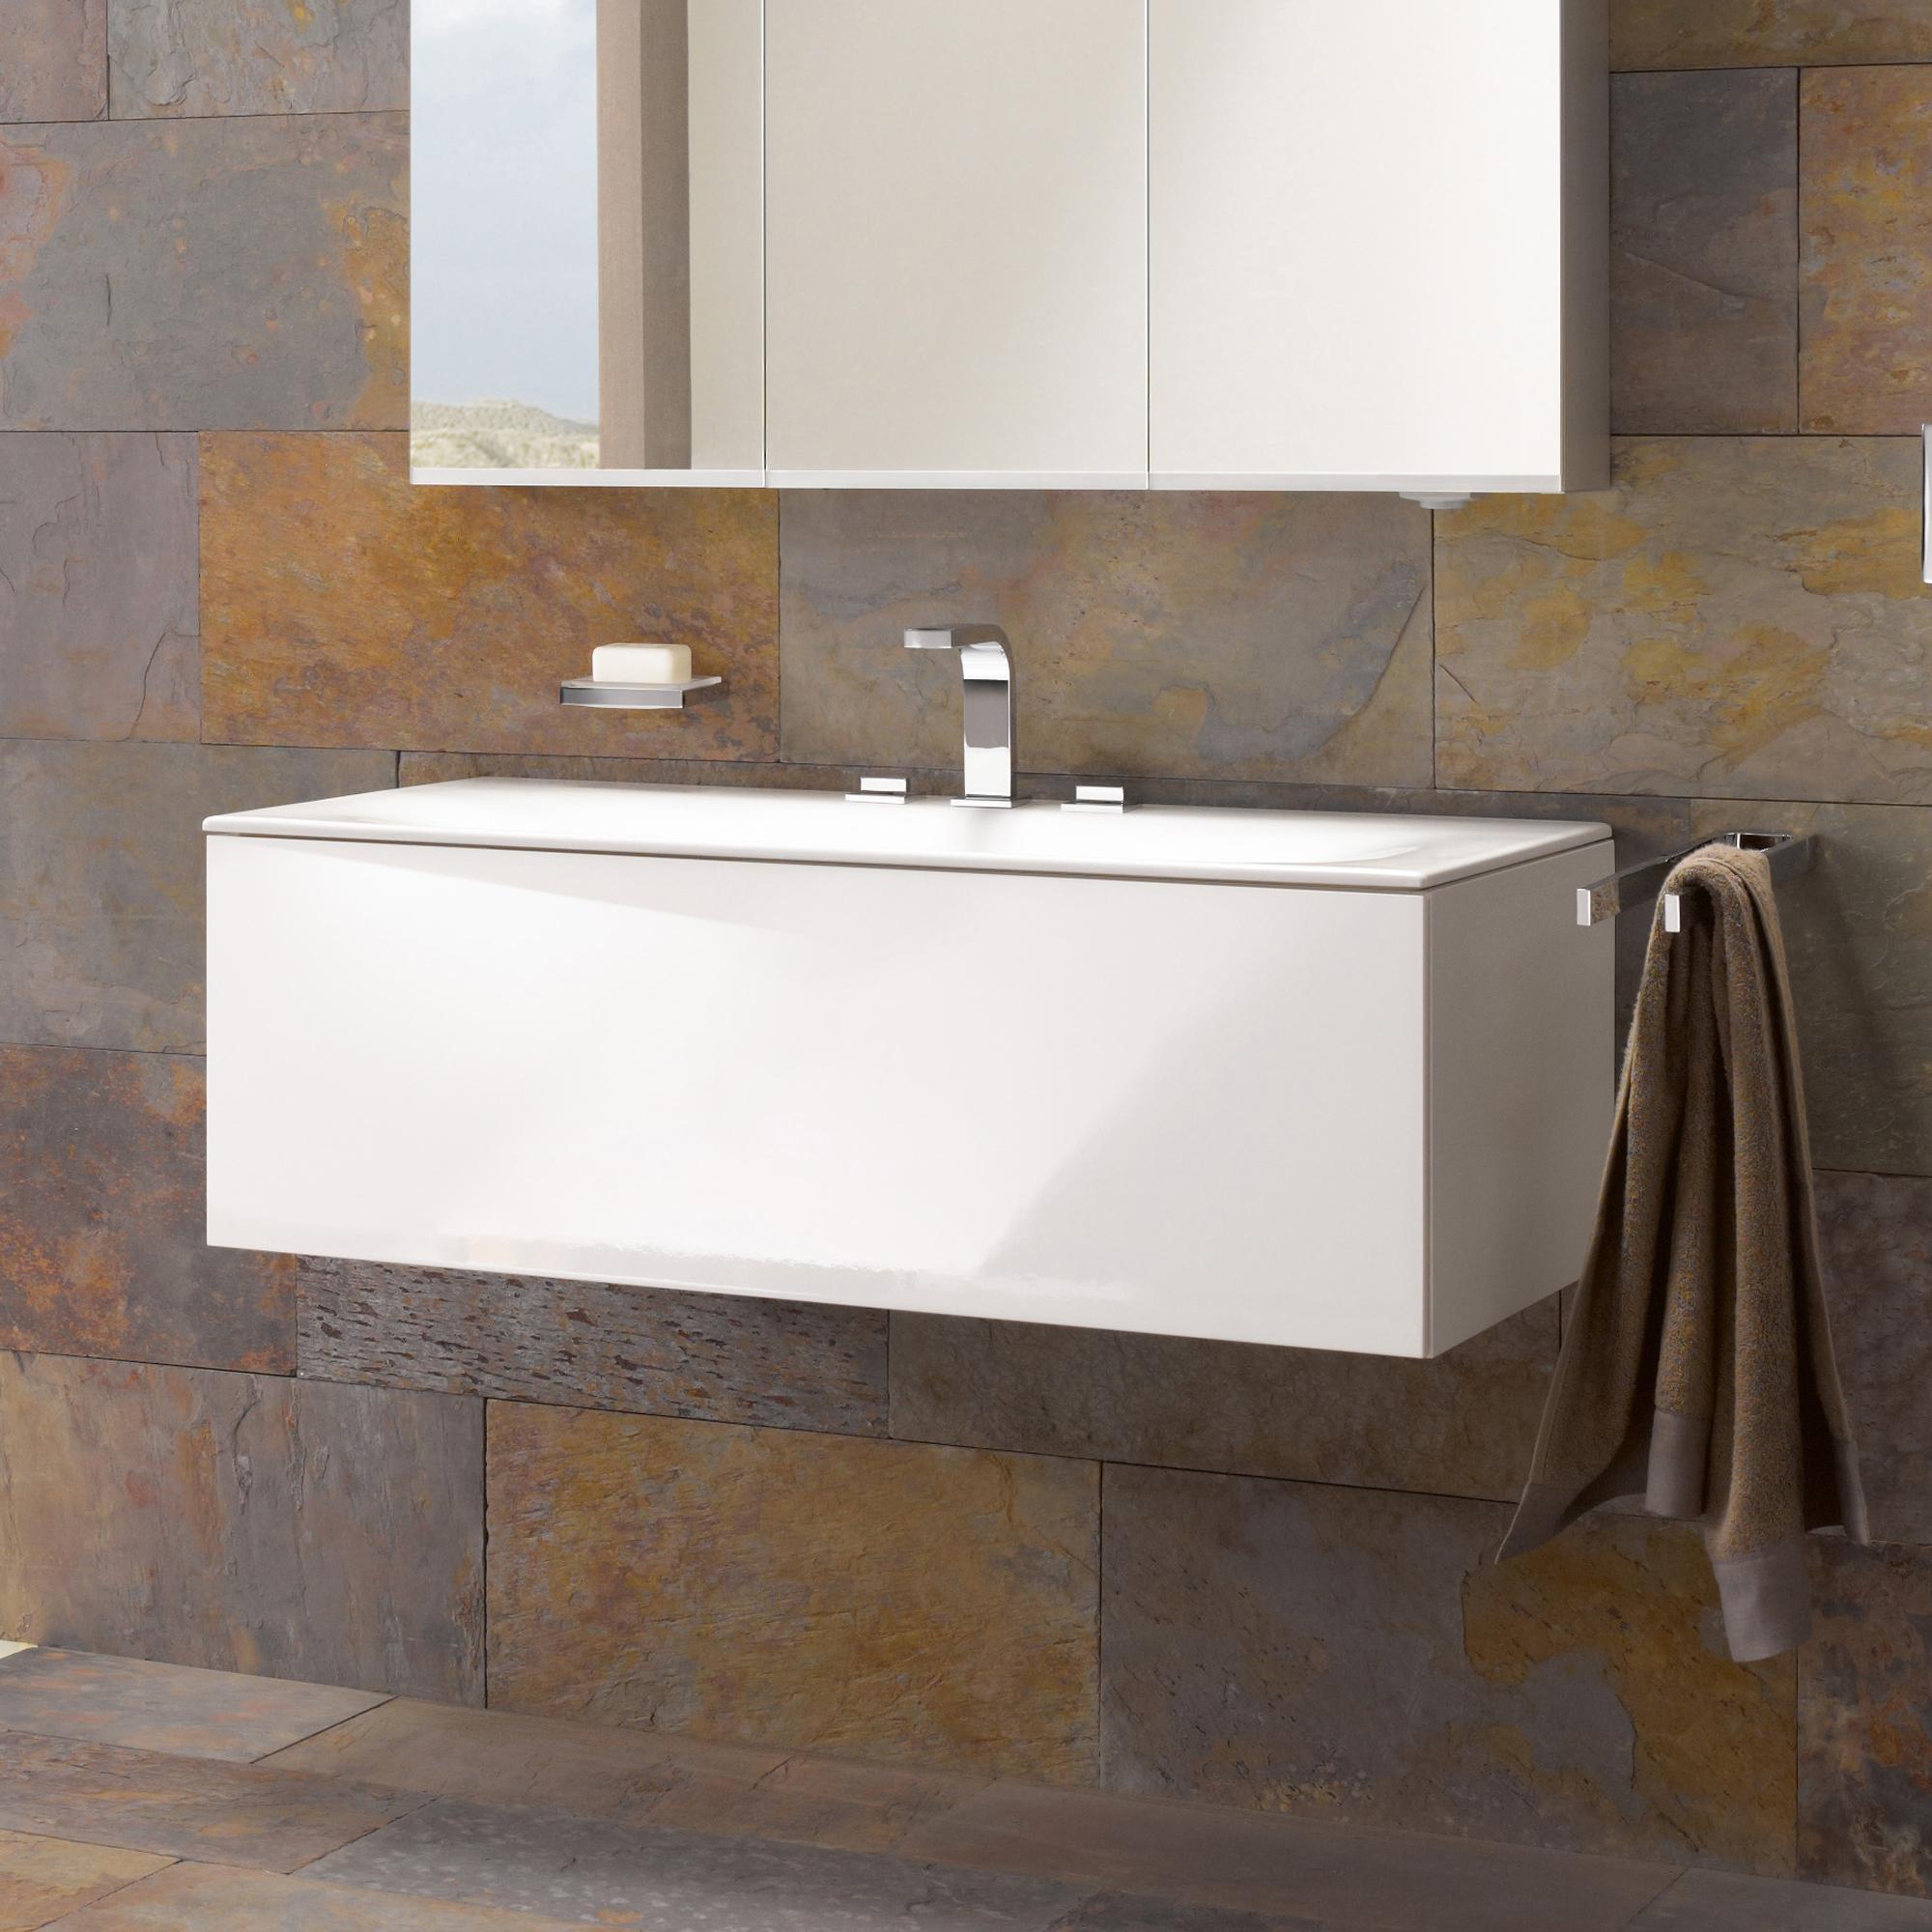 keuco edition 11 waschtischunterbau mit 1 auszug front lack hochglanz wei korpus lack. Black Bedroom Furniture Sets. Home Design Ideas